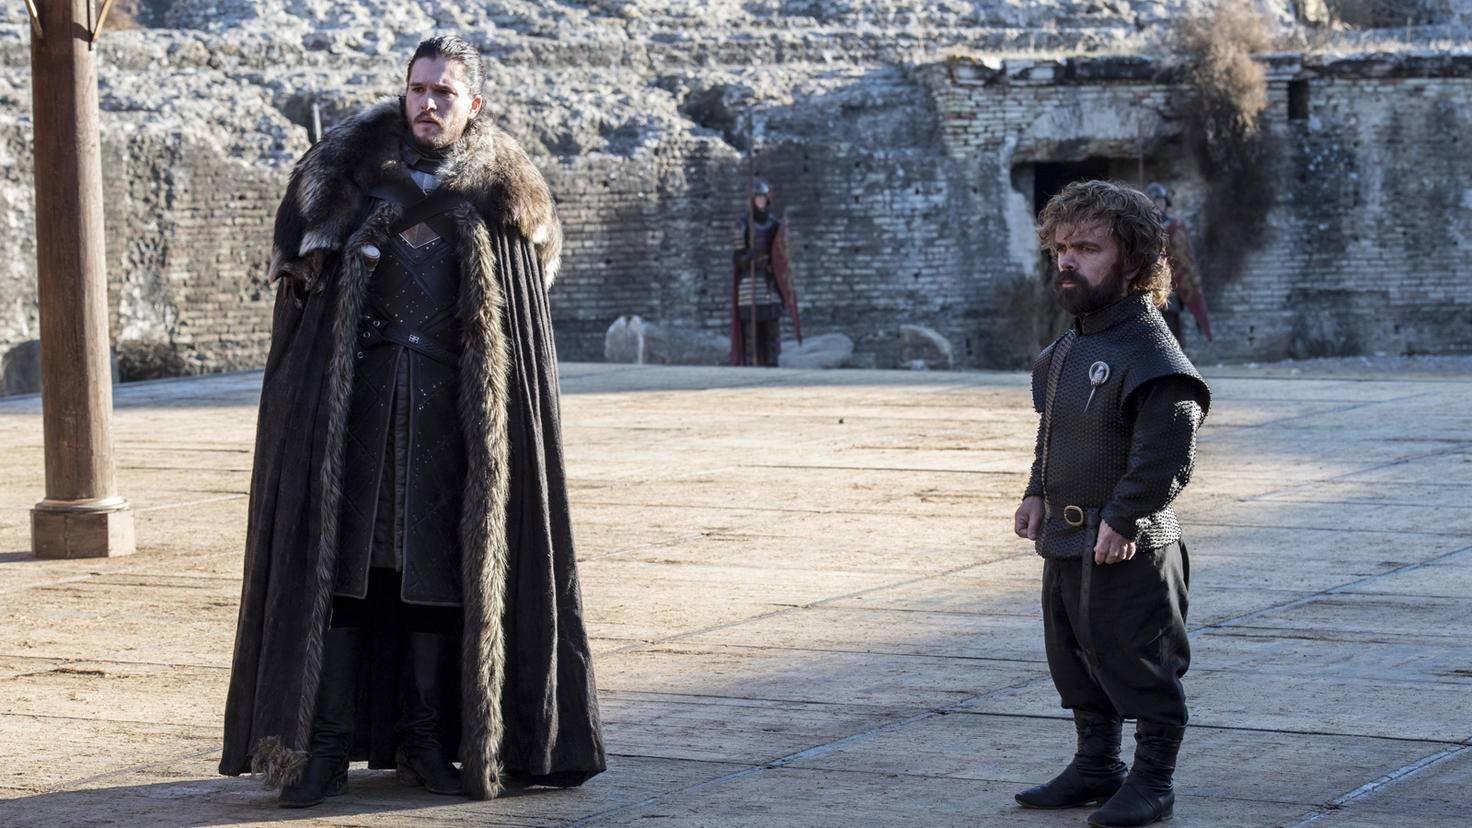 Nicht nur Jon Snow, auch Tyrion Lannister, die neue Hand von Königin Daenerys, wirkt wenig erfreut über das Zusammentreffen mit seinen Geschwistern.